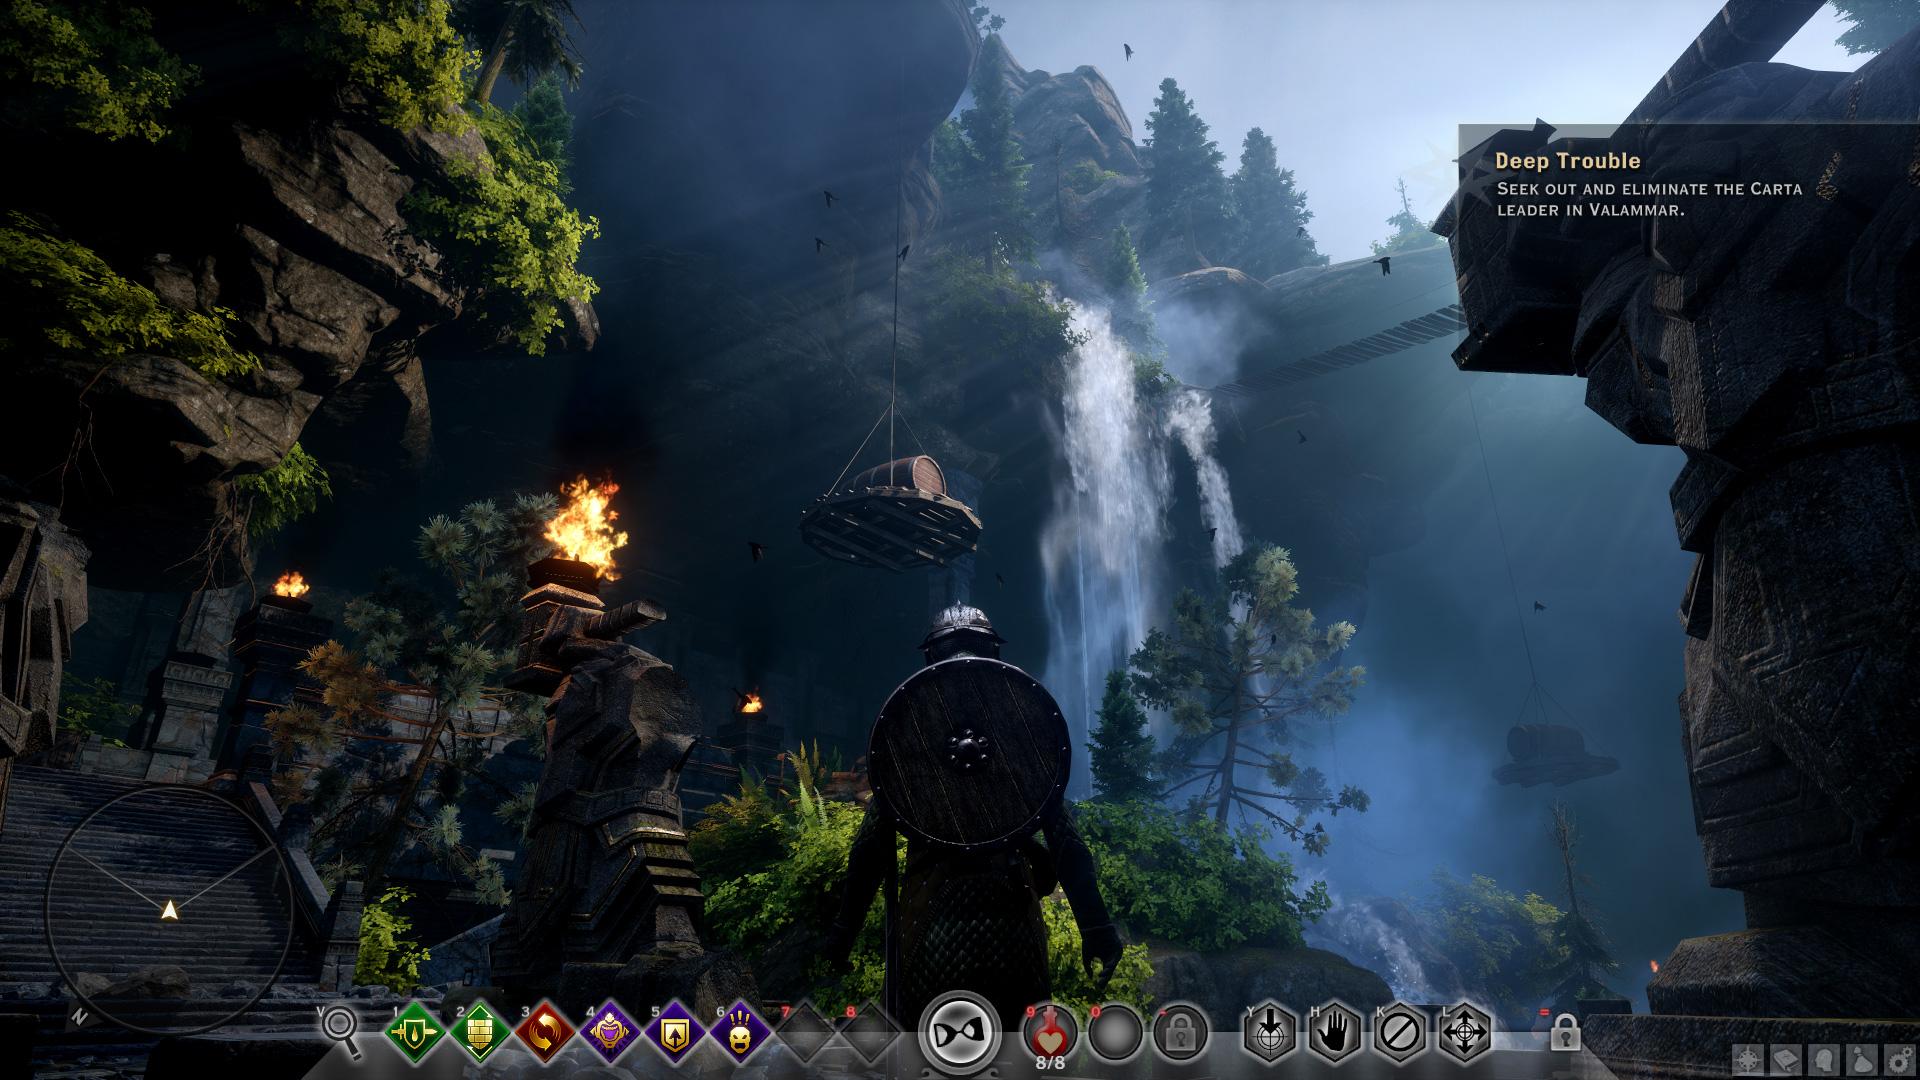 dragon_age_inquisition_pc_screen_3